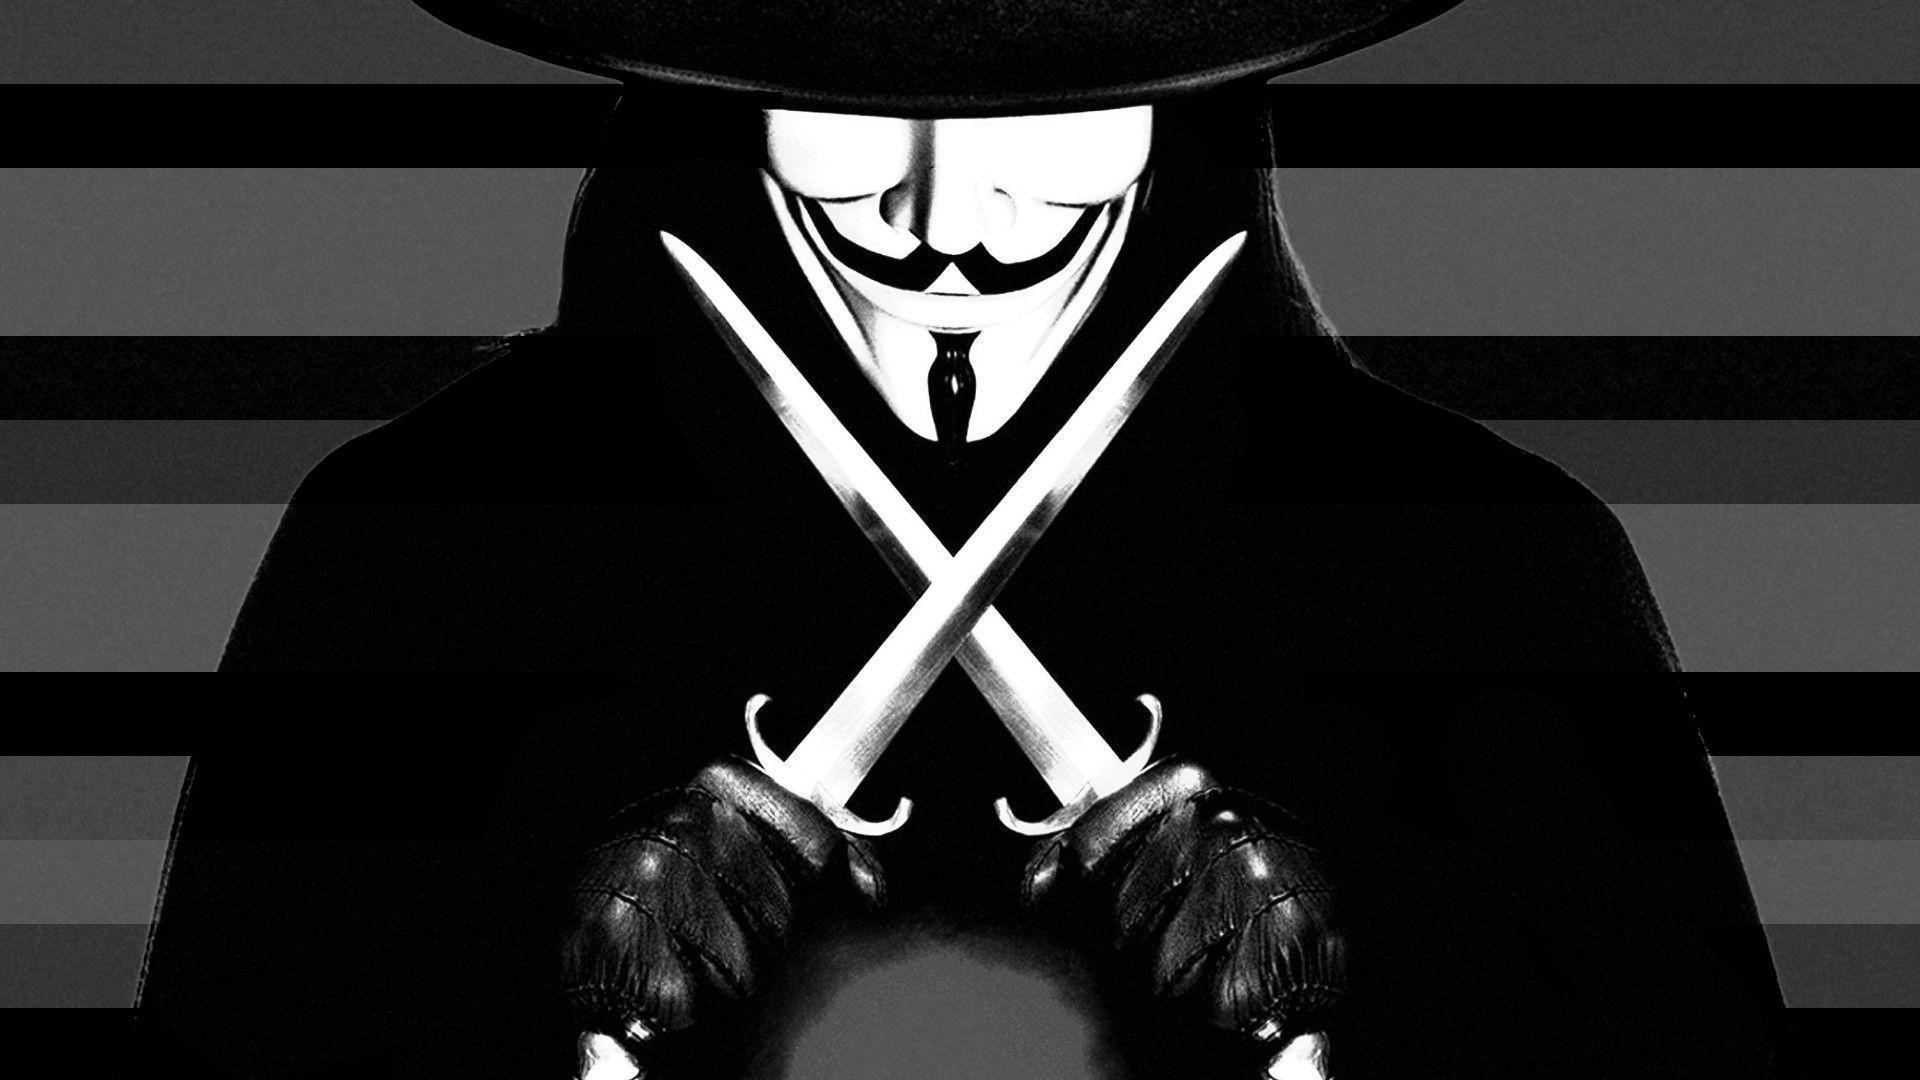 V For Vendetta Mask Wallpaper Army V For Vendetta Wallpap...